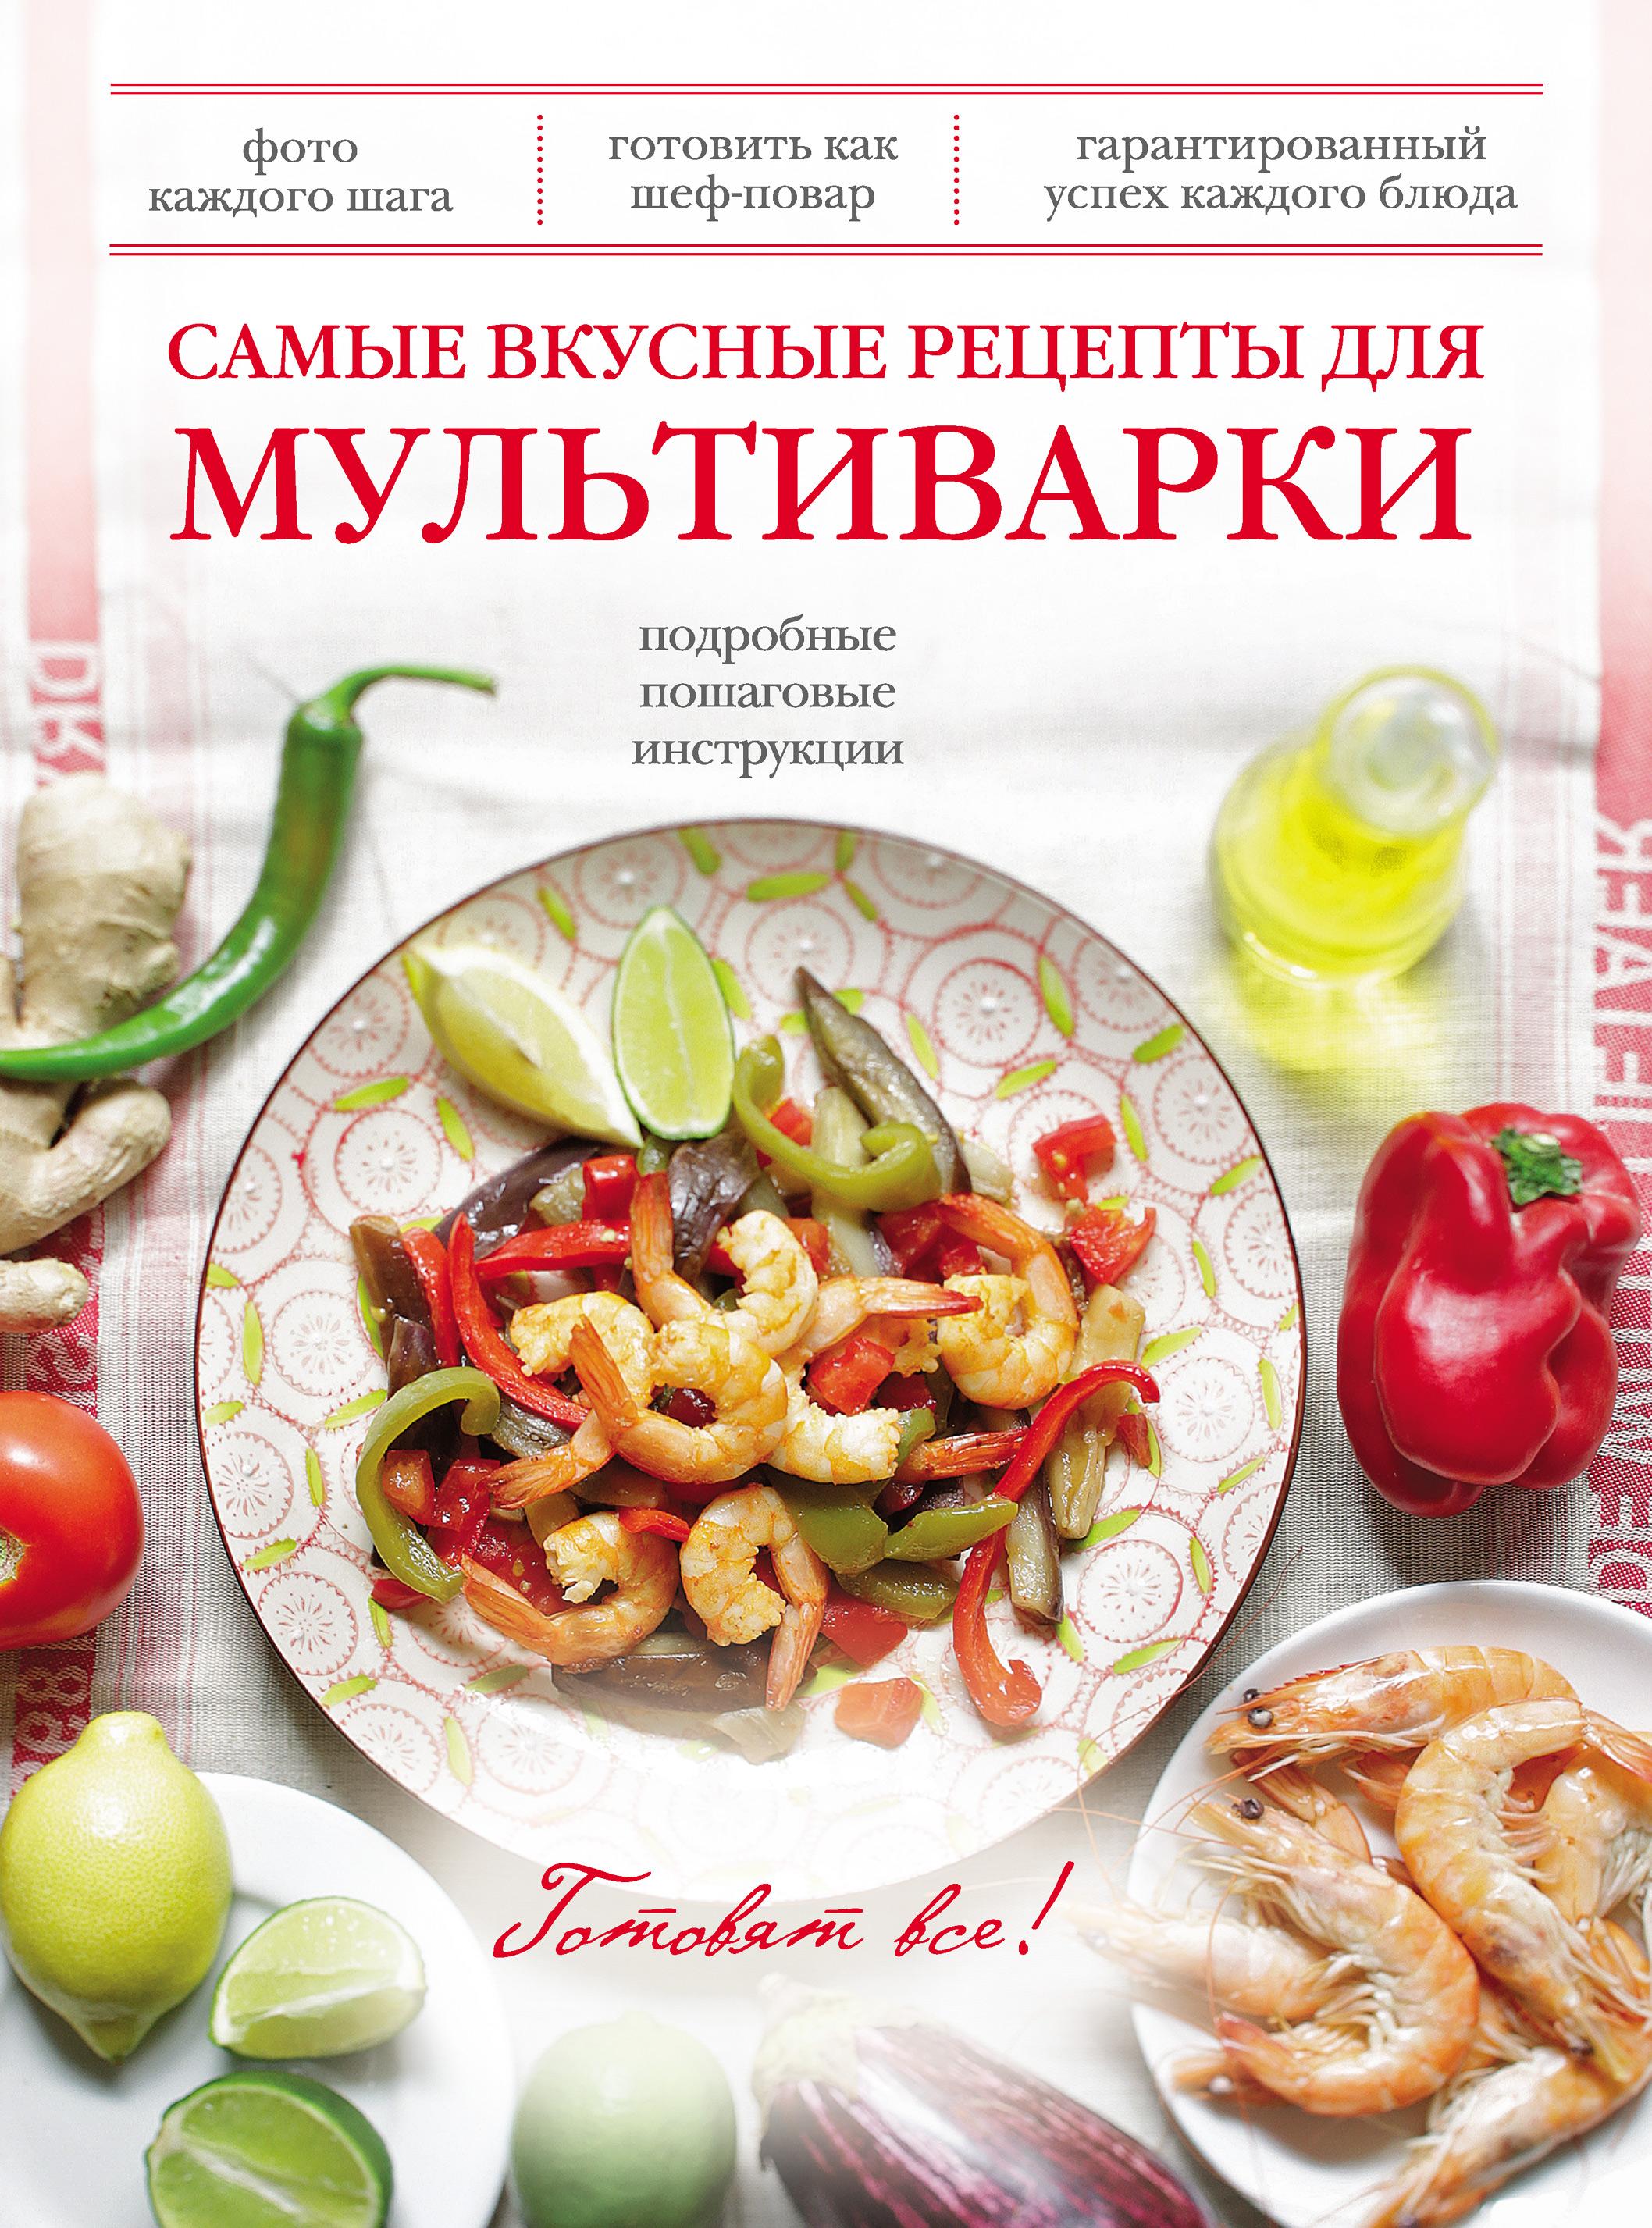 Отсутствует Самые вкусные рецепты для мультиварки савинова н блюда из грибов в мультиварке самые вкусные рецепты